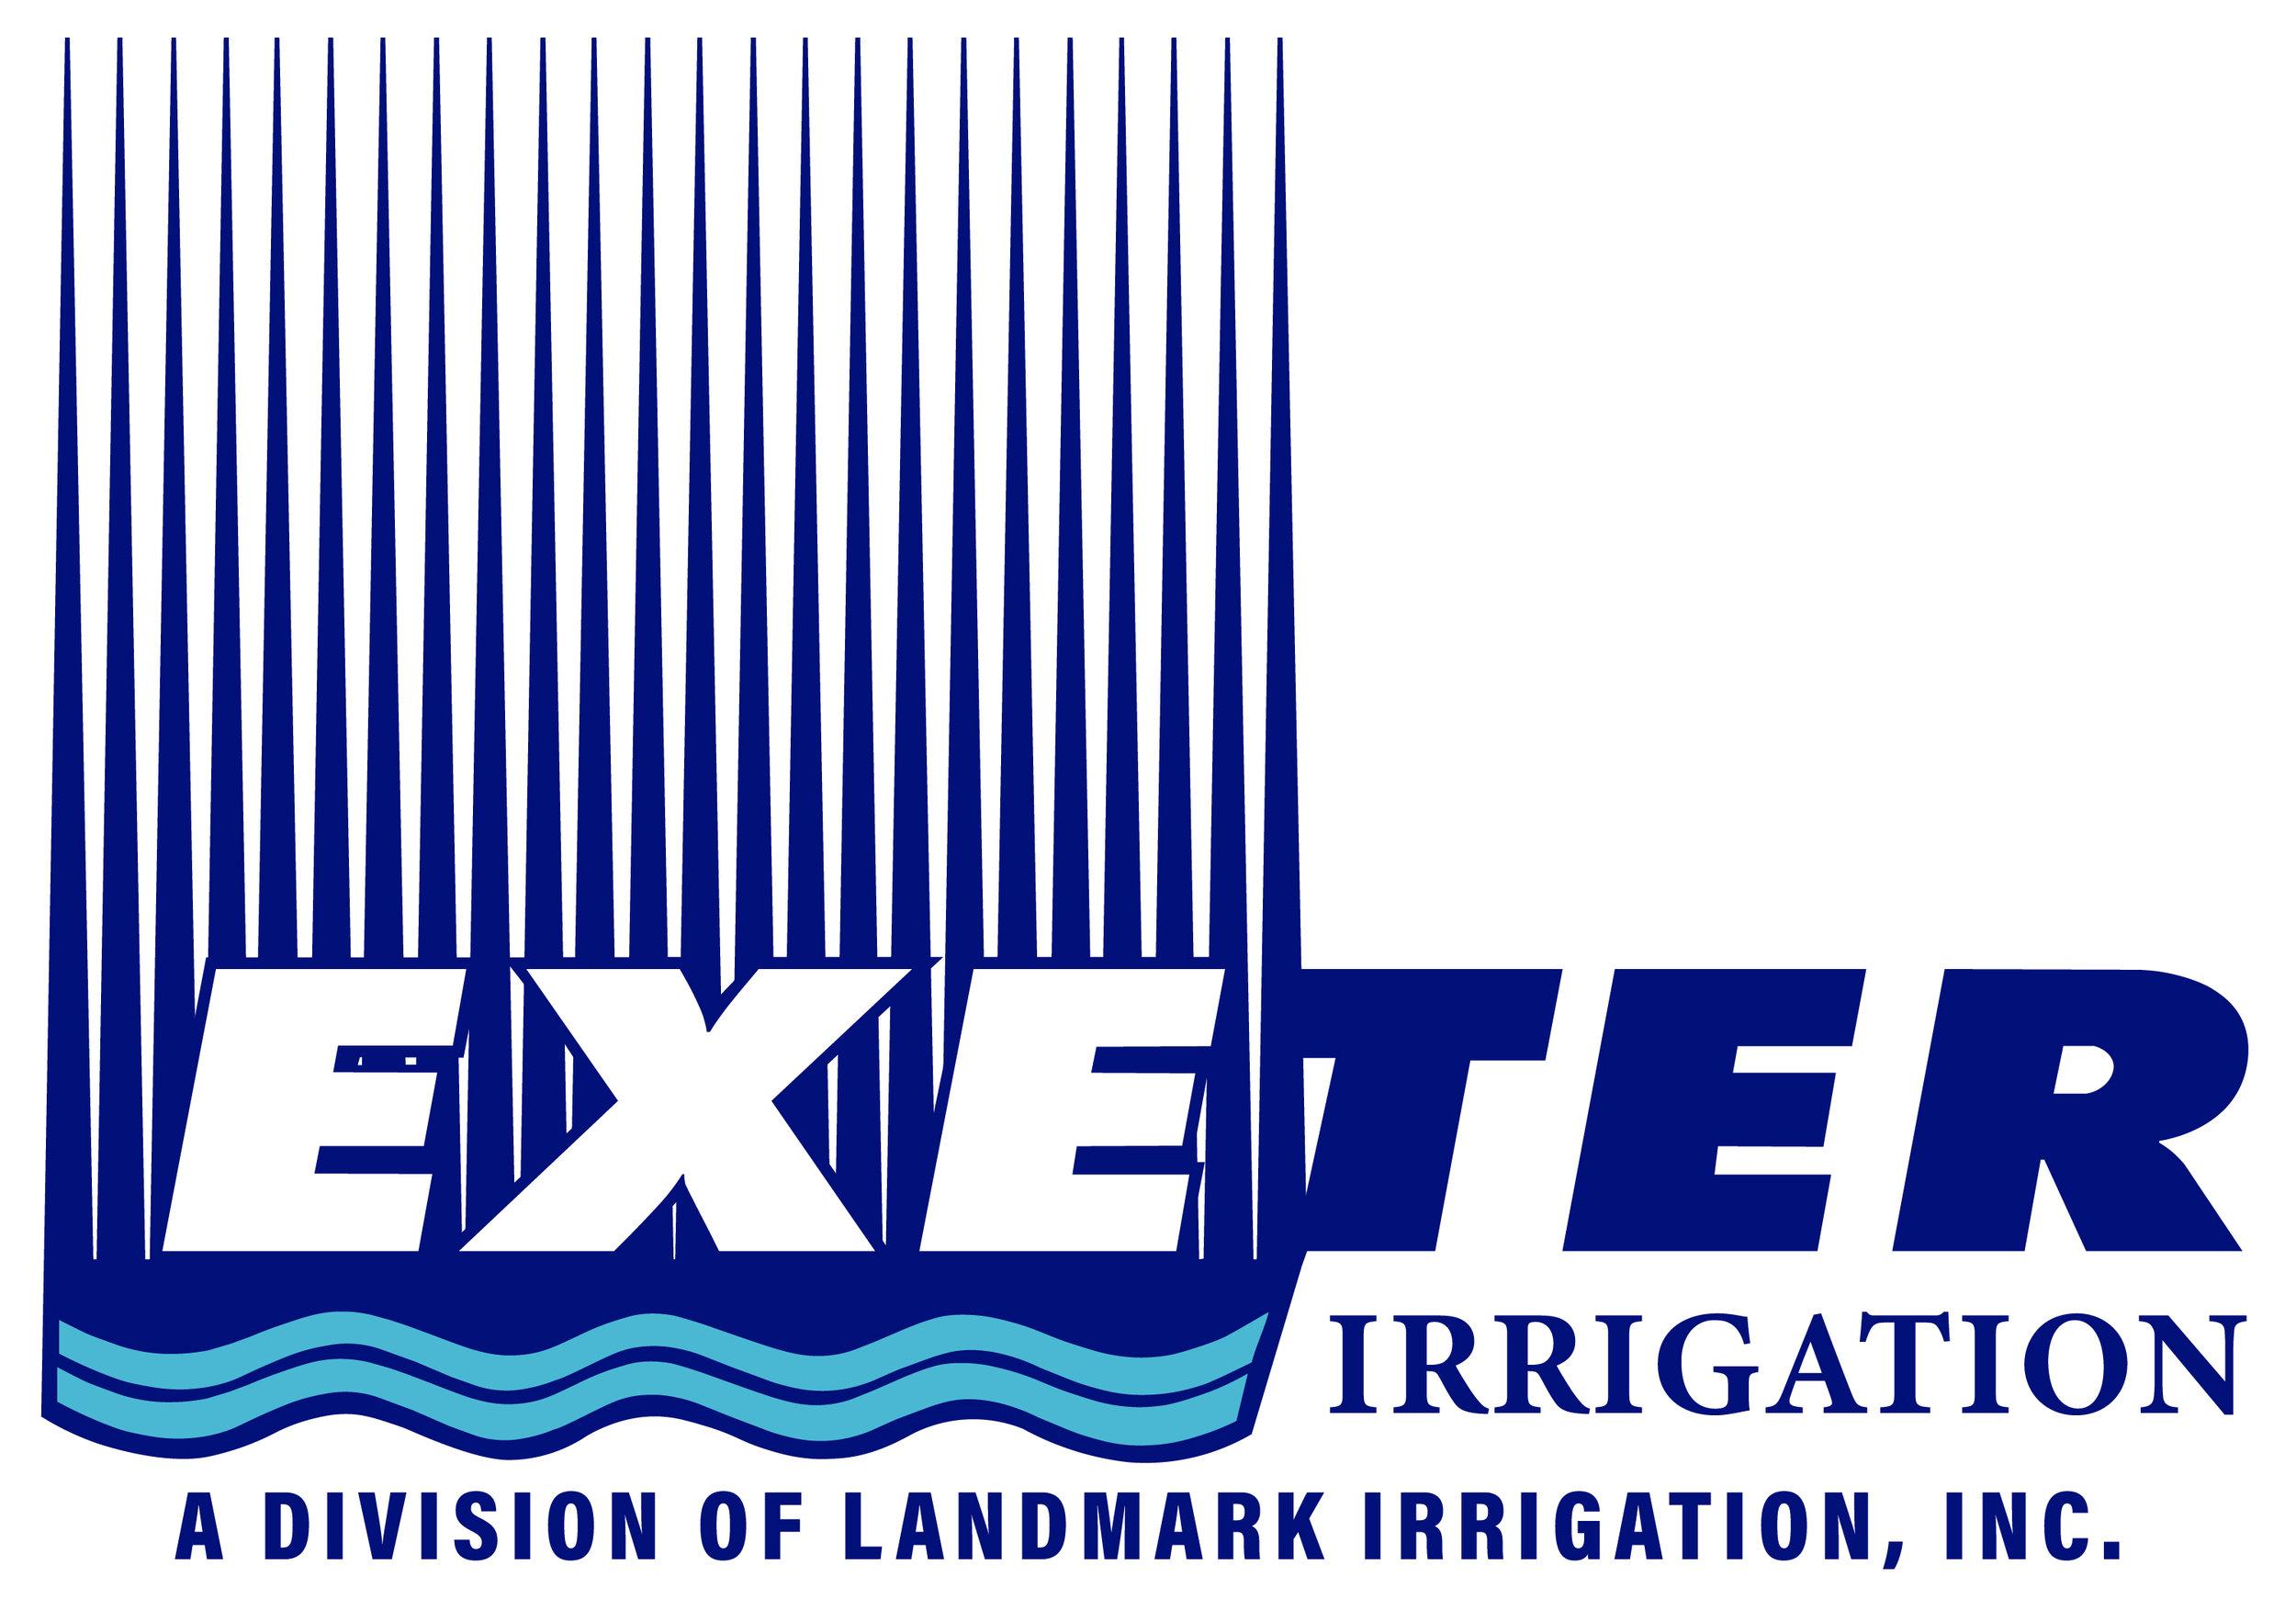 Exeter.jpg